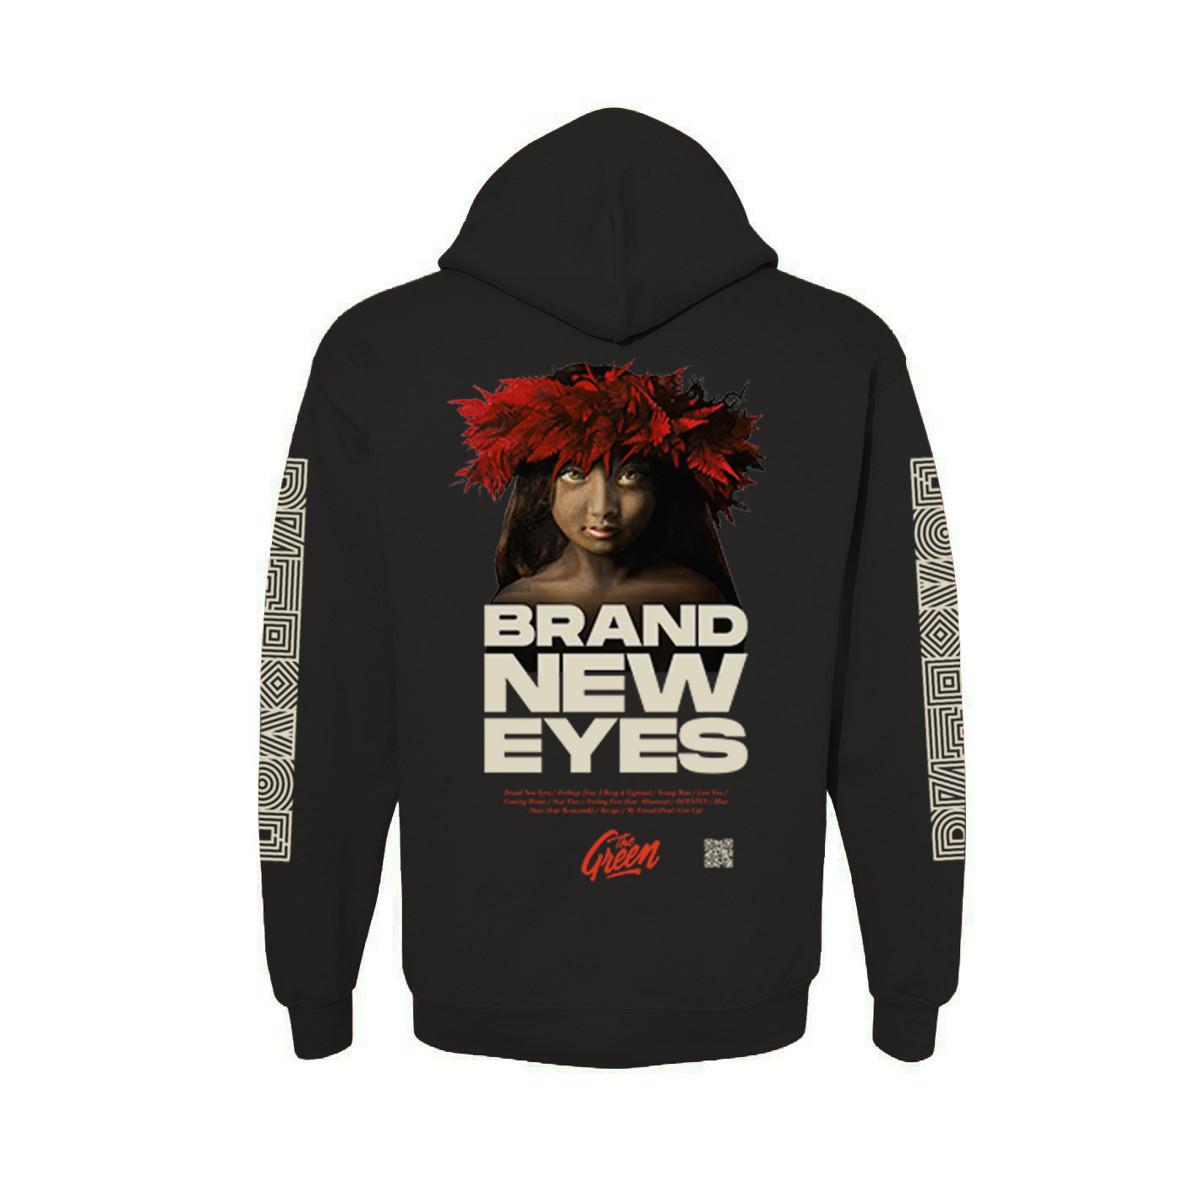 Brand New Eyes Black Hoodie